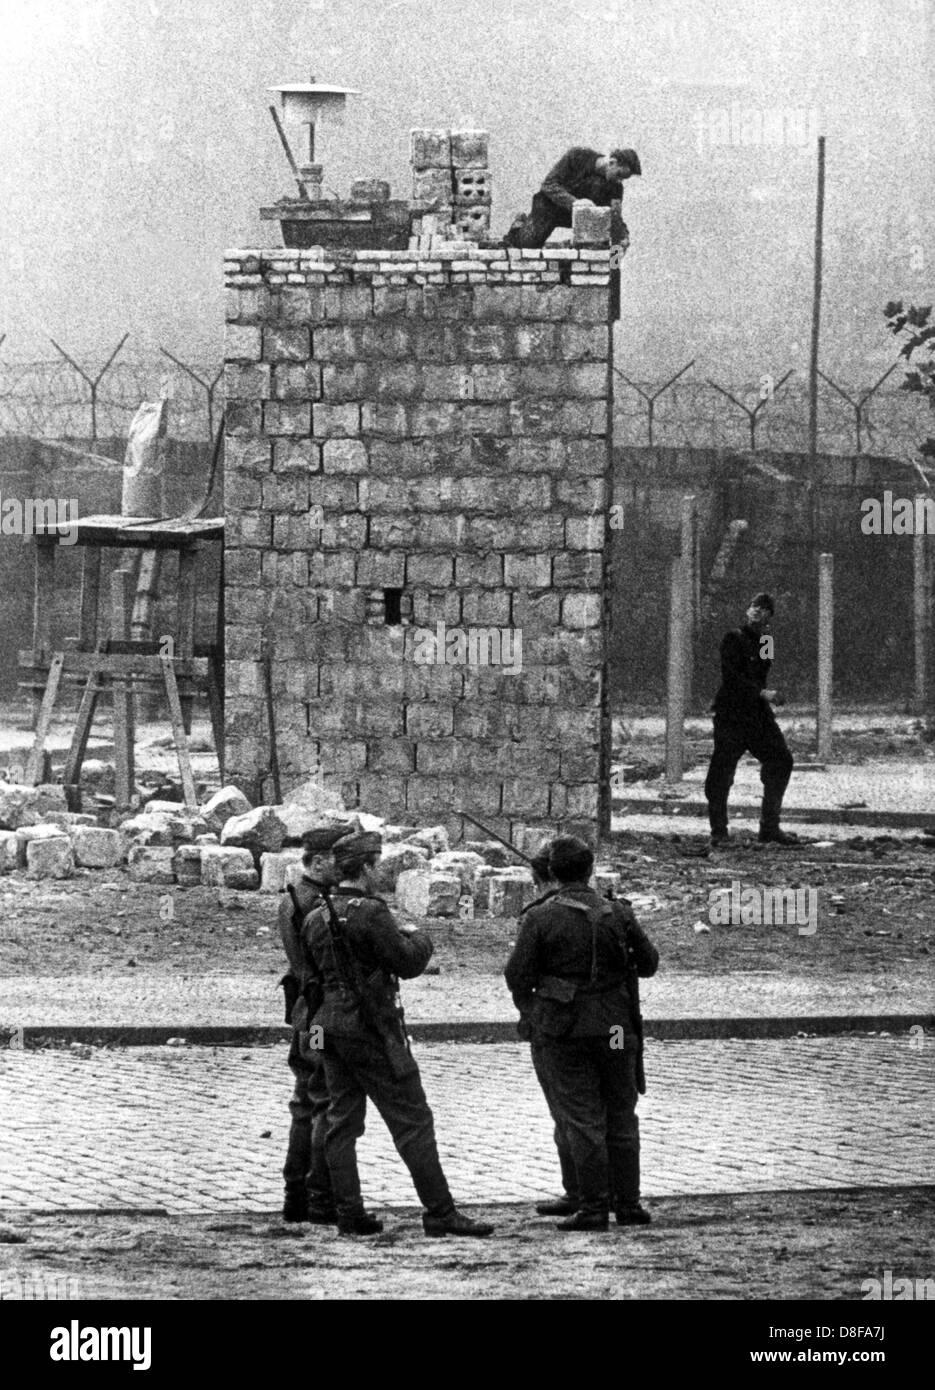 DDR-Grenzbeamte im Oktober 1967 beim Bau eines massiven Beobachtungsturms am Lohmühlenplatz gegenüber dem Westberliner Bezirk Neukölln. Stock Photo